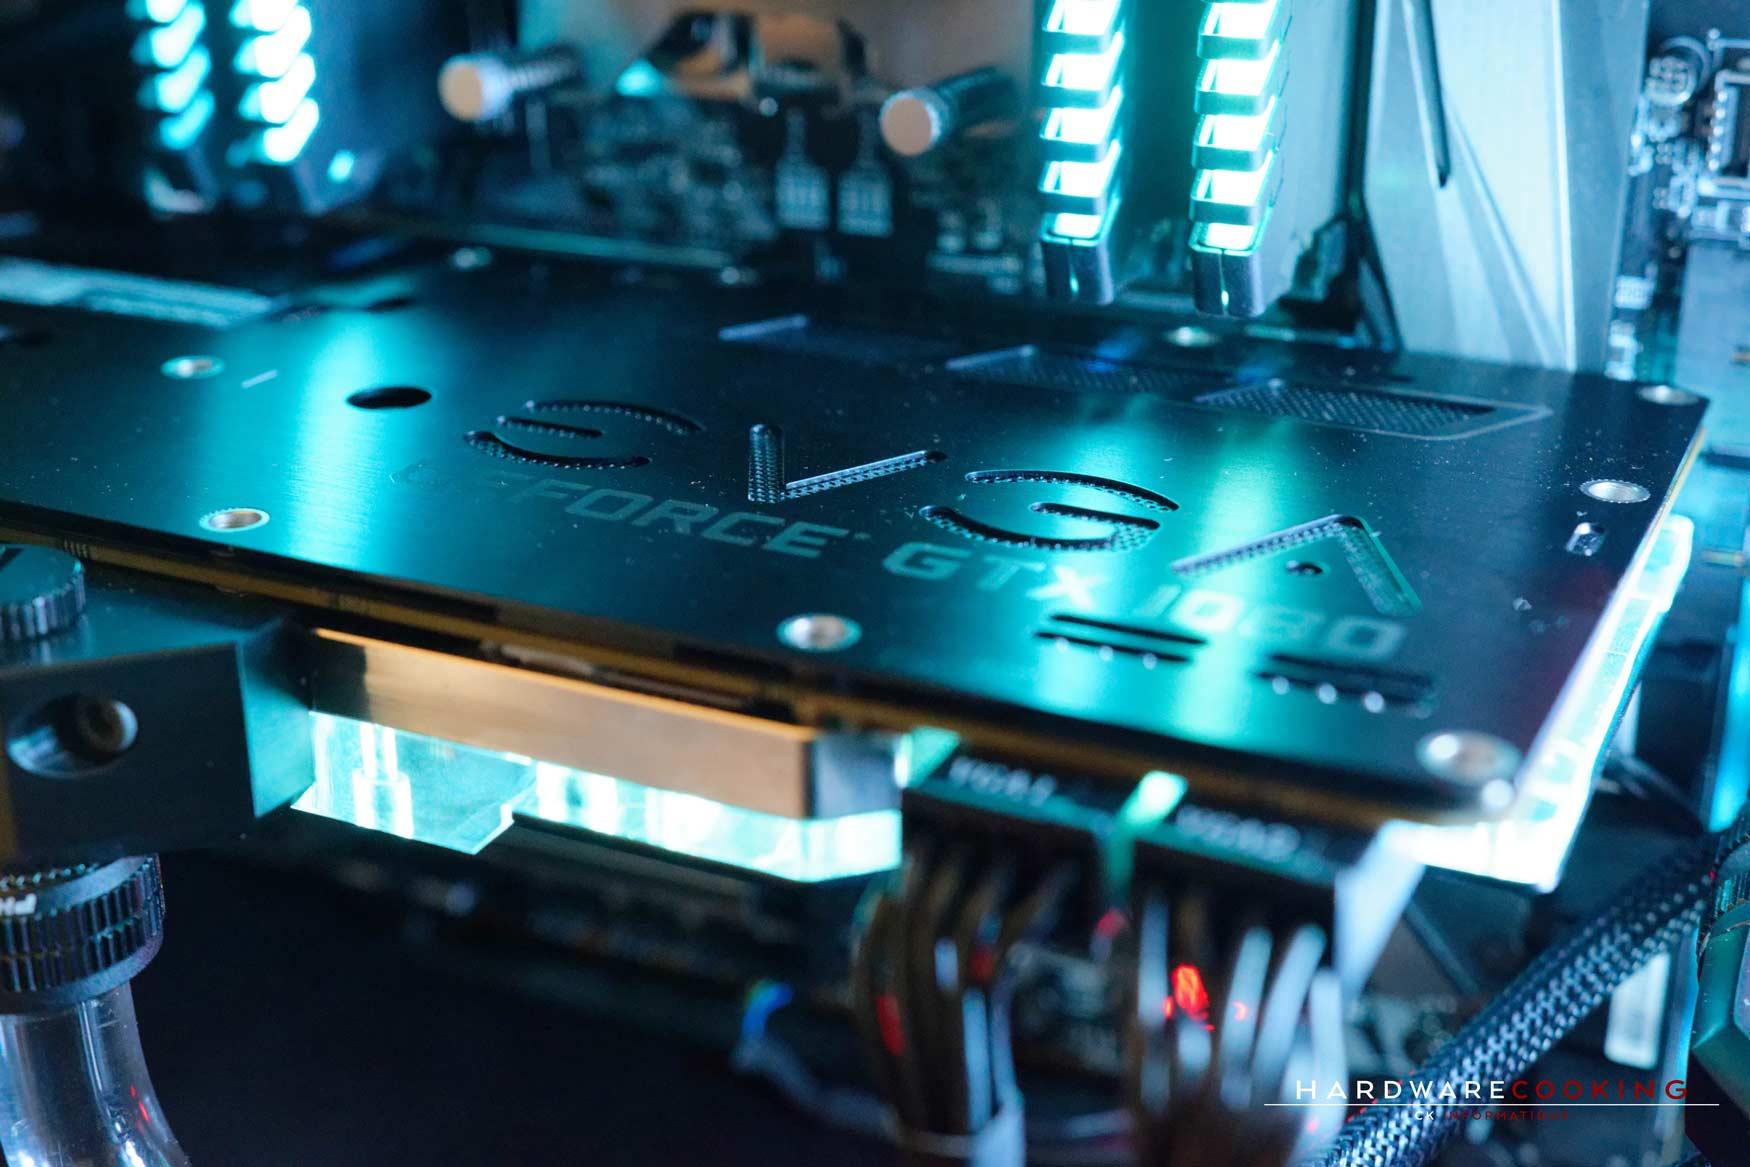 Rig du jour : Crustal Link par HardwareCooking : WB GPU Phanteks G1080 EVGA FTW